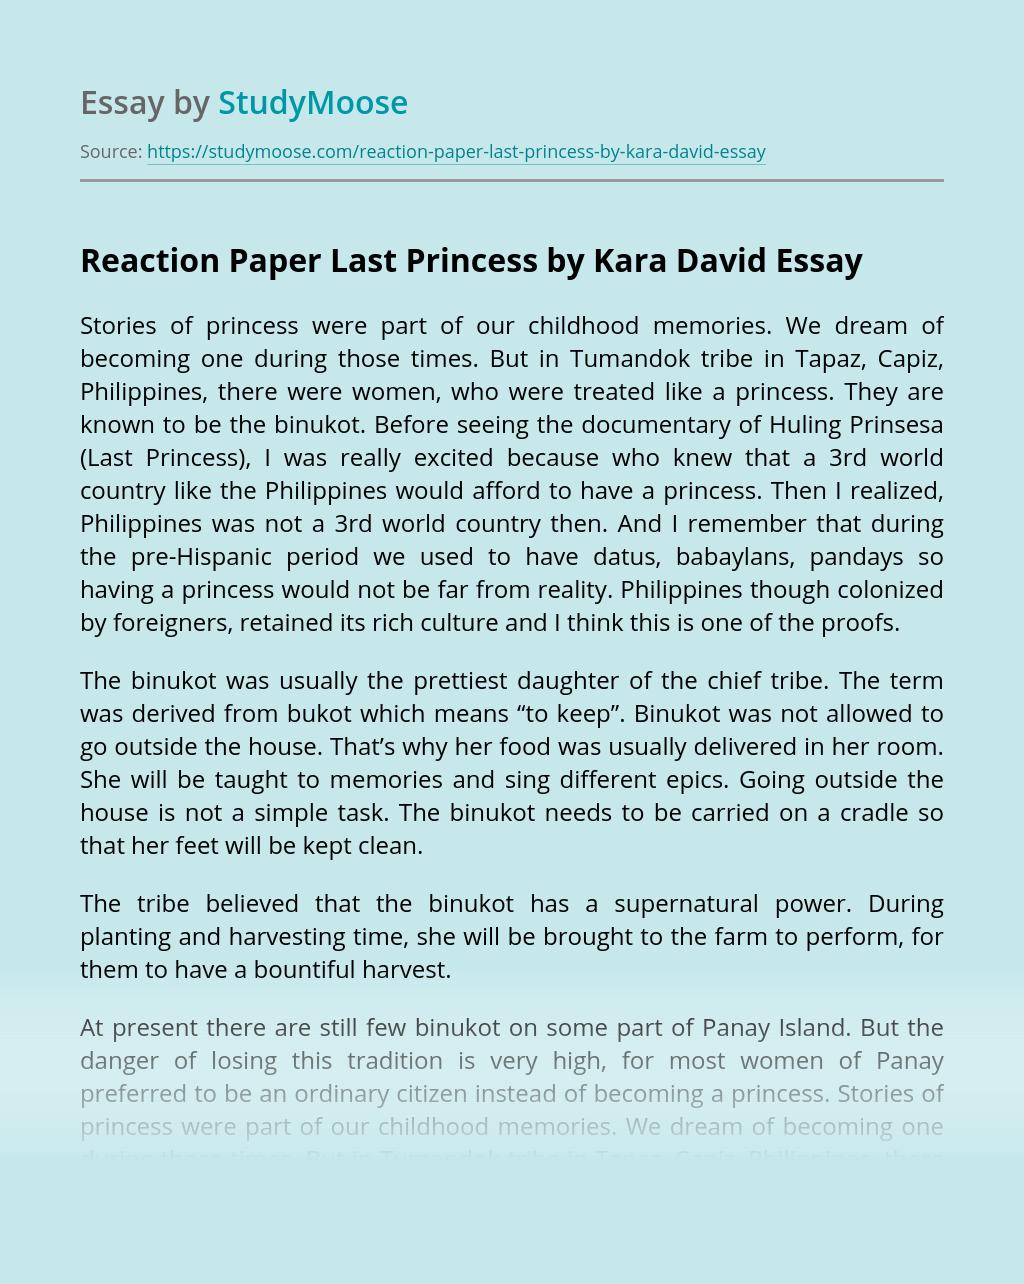 Reaction Paper Last Princess by Kara David